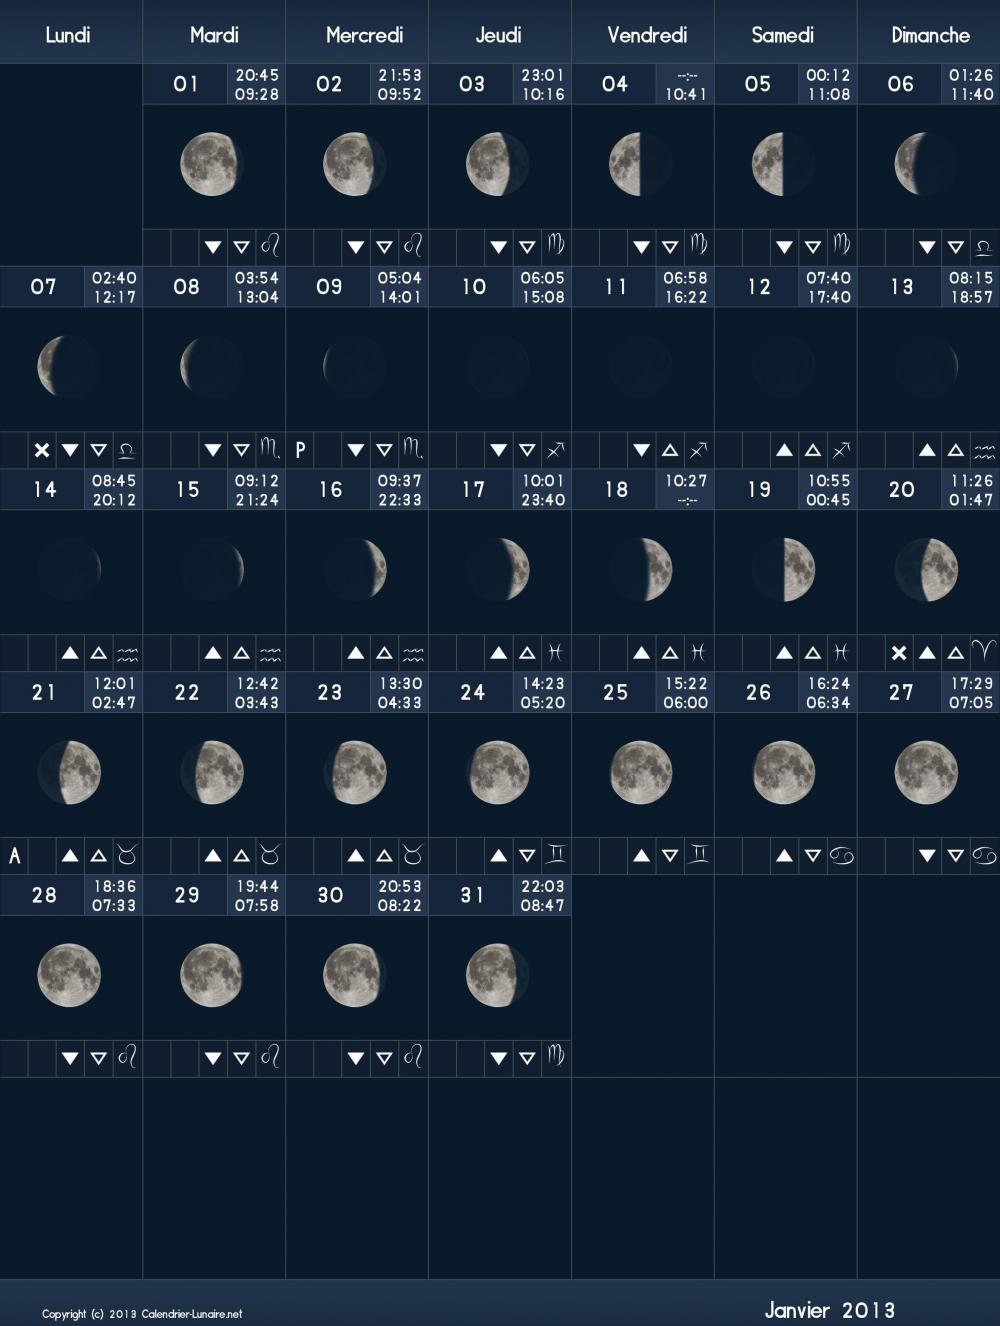 Calendrier lunaire du mois de janvier 2013